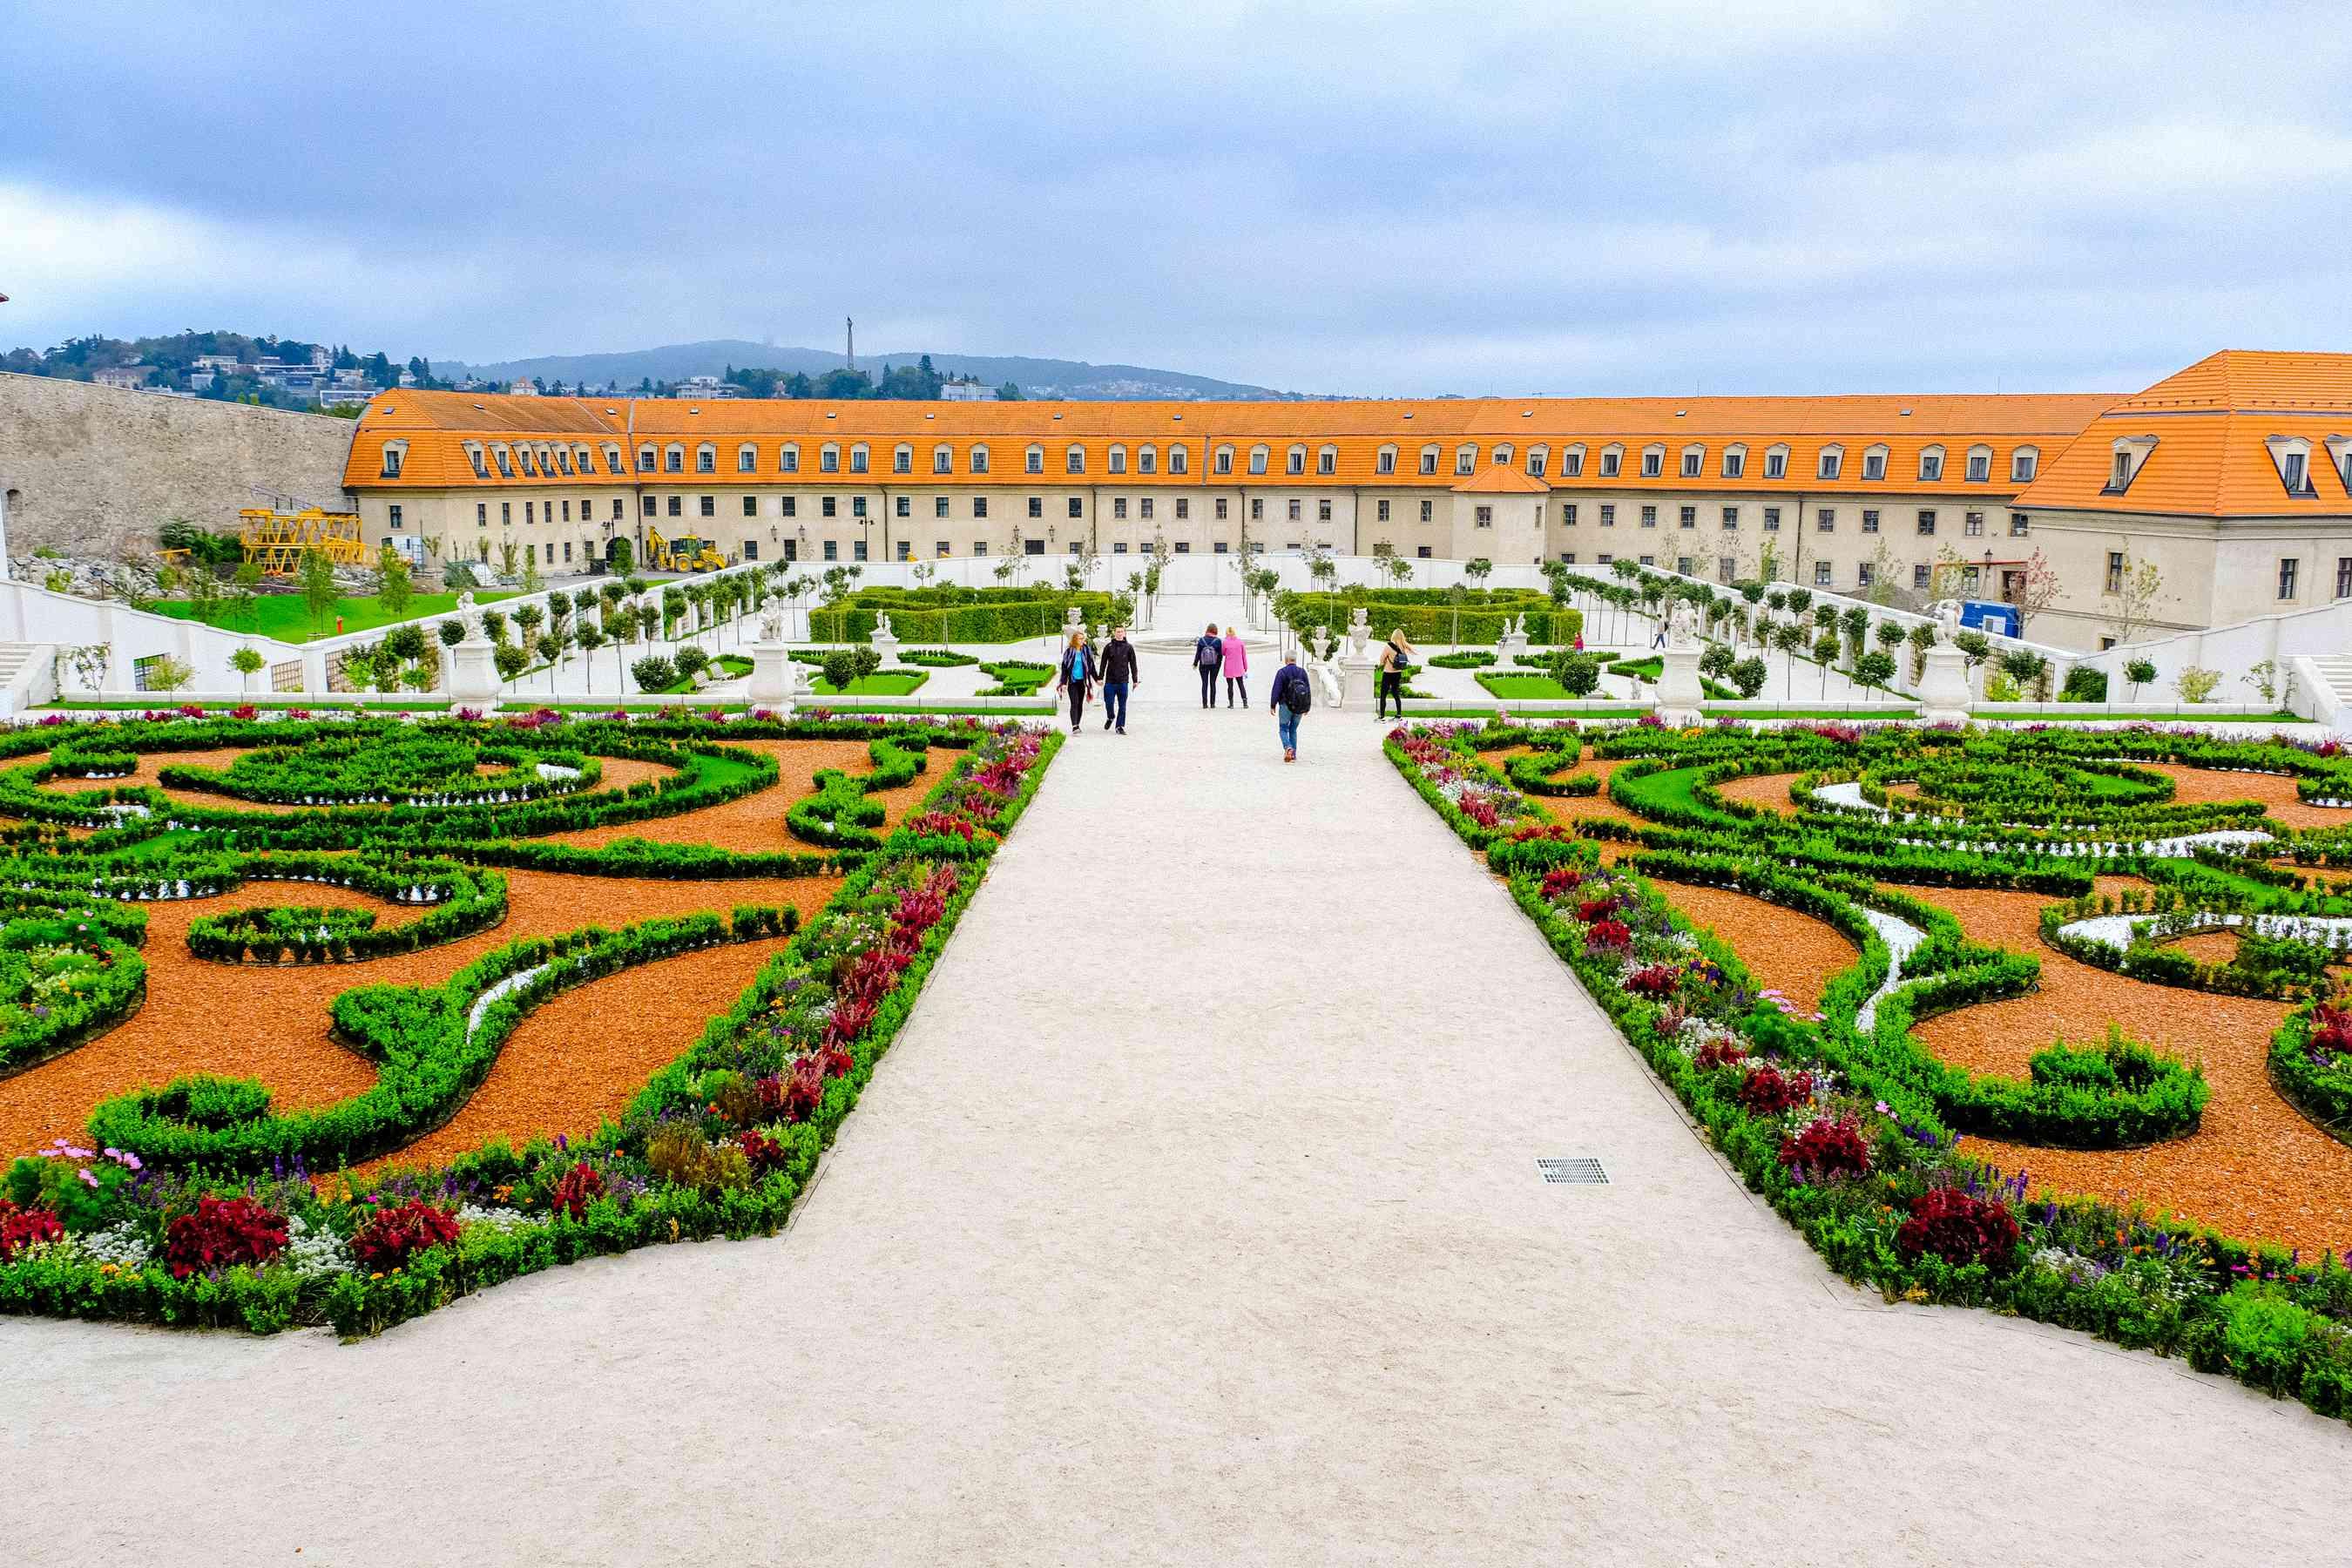 Gente caminando por los jardines del castillo de Bratislava